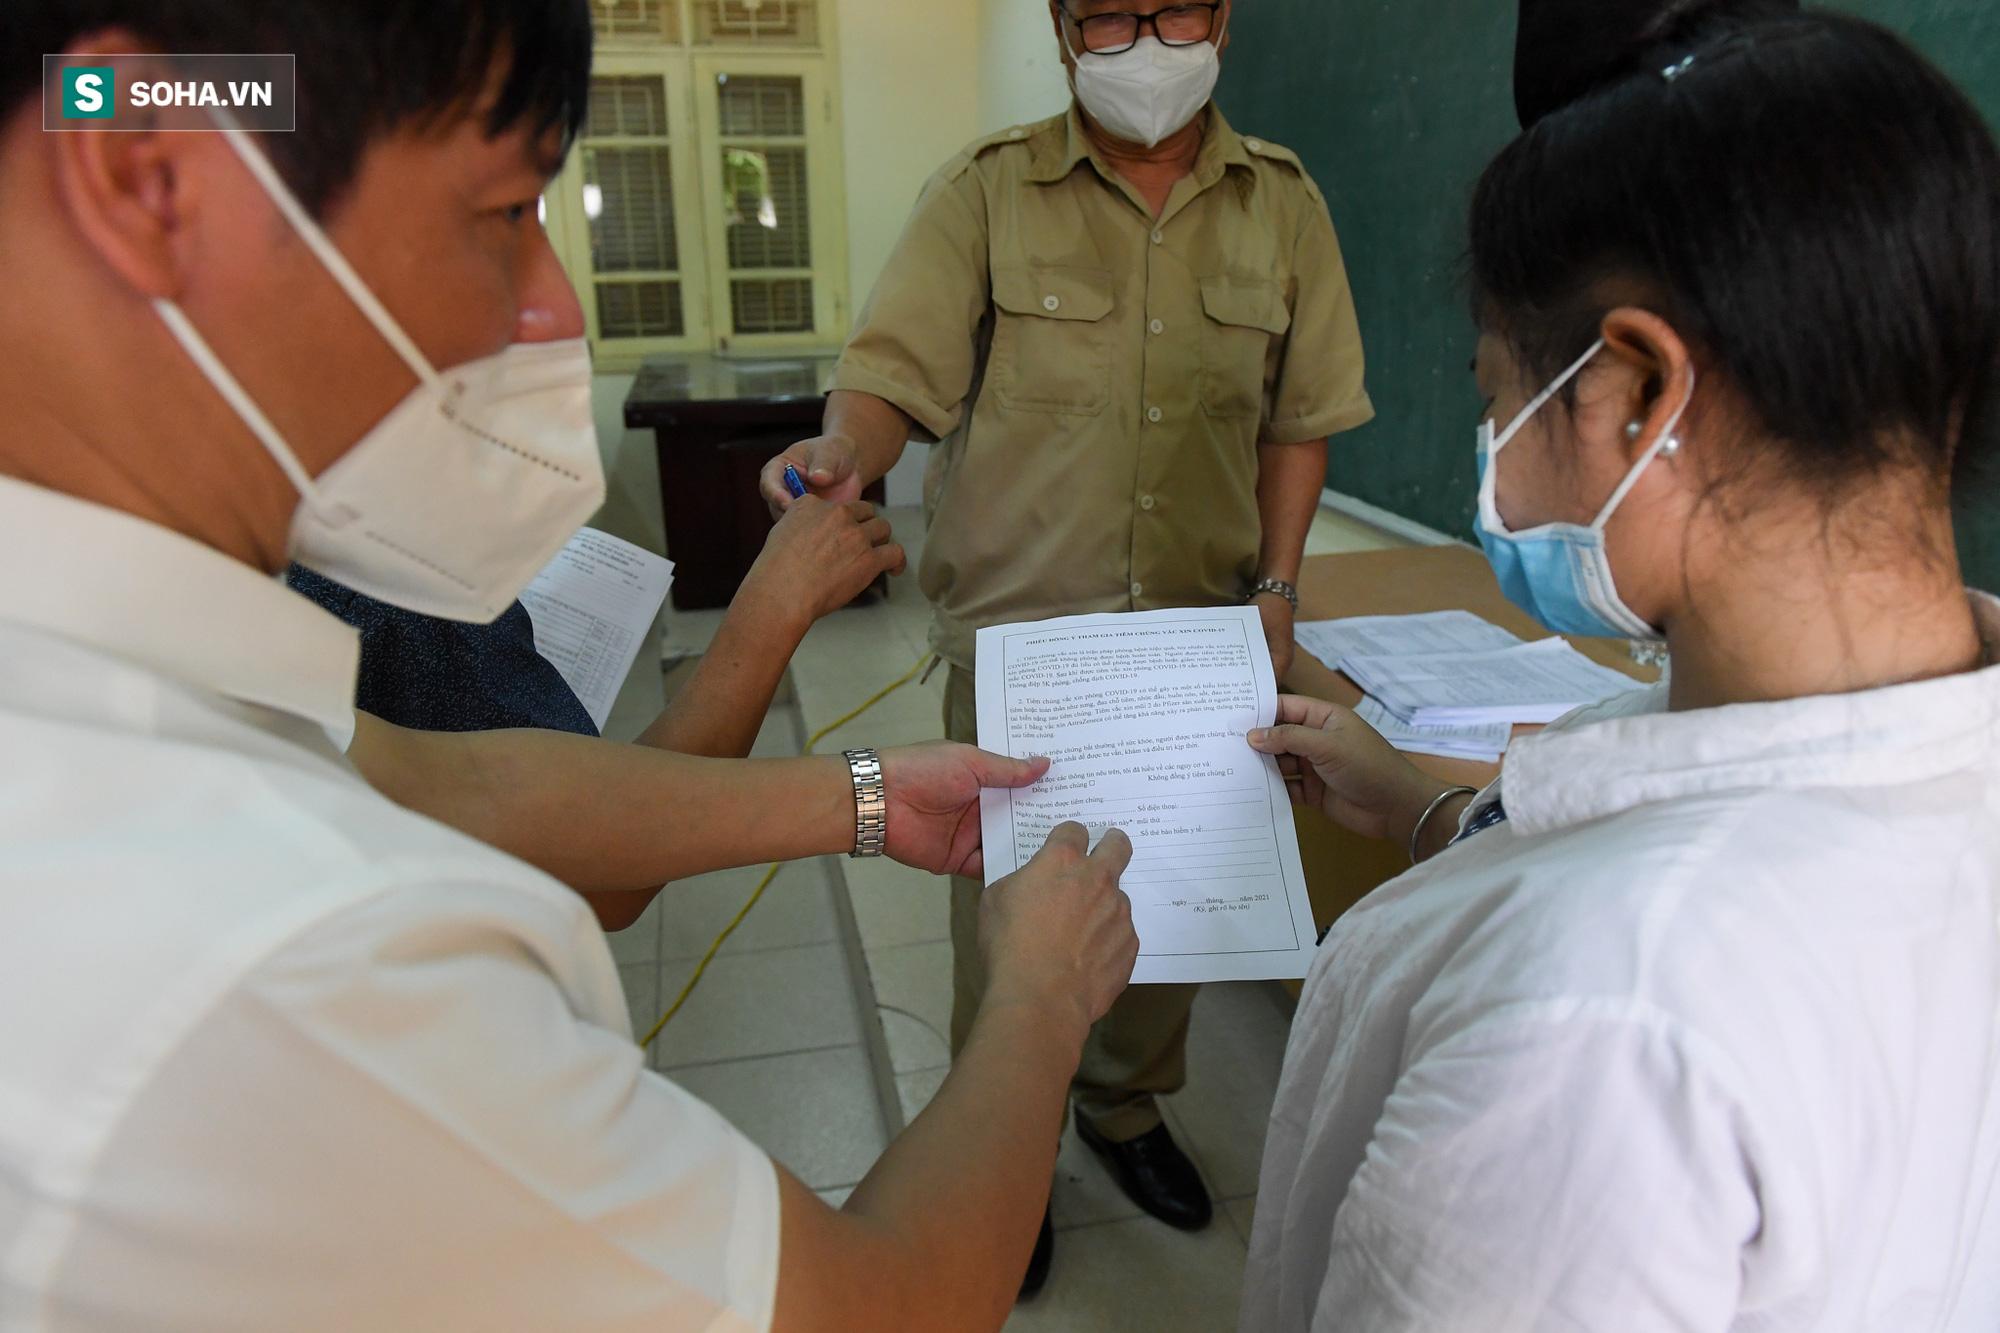 Phường ở Hà Nội tiêm vắc xin Covid-19 cho cả người không có giấy tờ tuỳ thân - Ảnh 3.